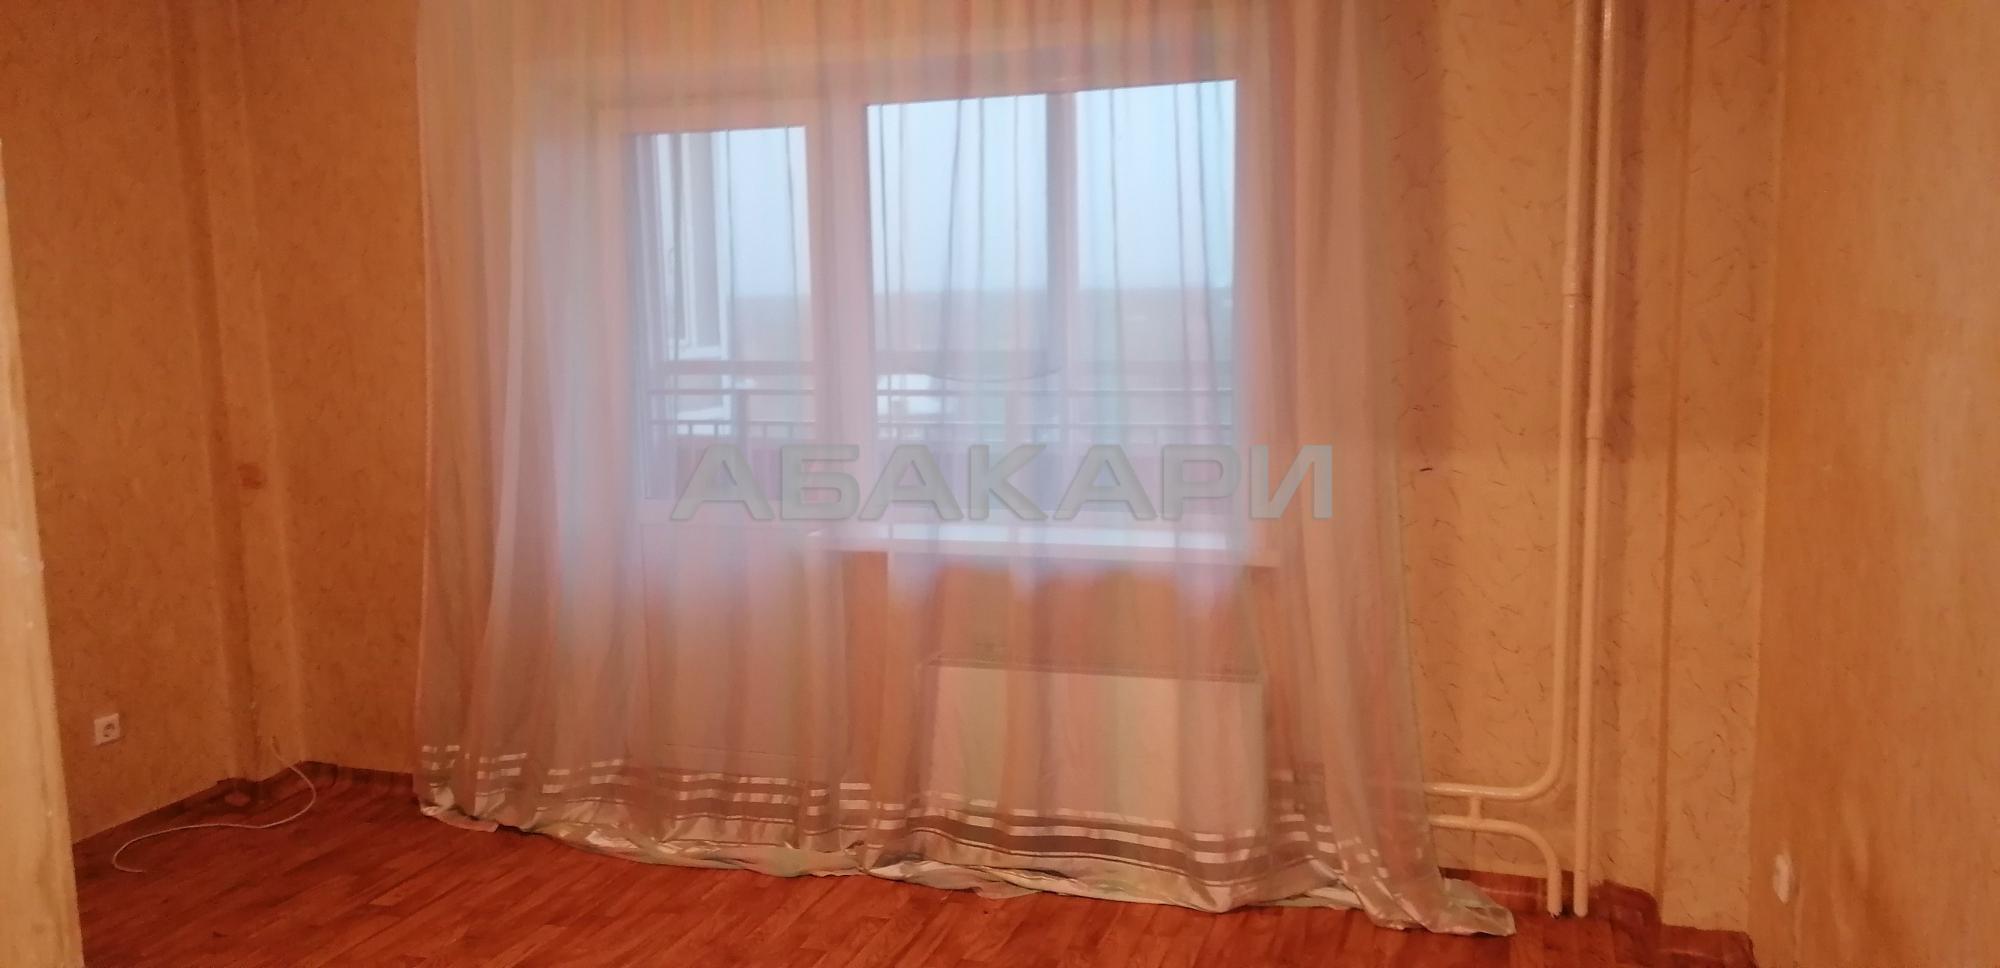 студия улица 26 Бакинских комиссаров, 10Д 11/14 - 27кв | 11000 | аренда в Красноярске фото 0